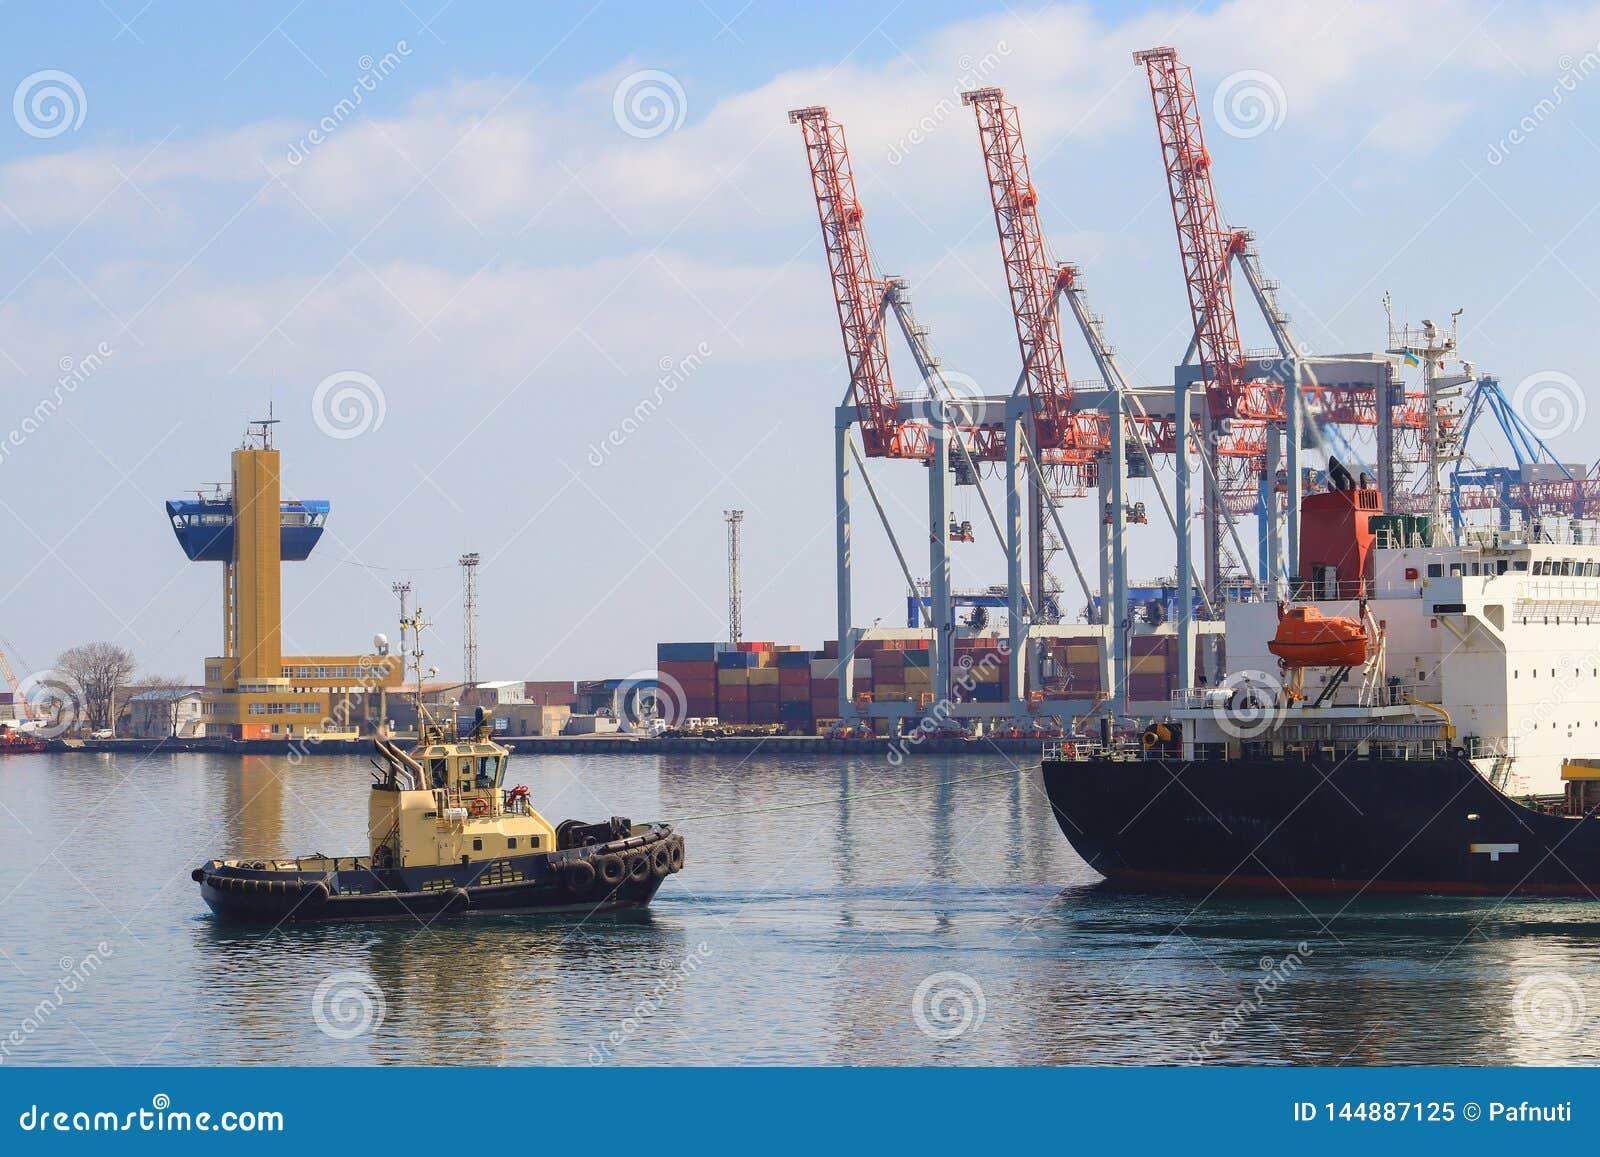 Rimorchiatore che assiste la nave da carico manovrata nel porto di Odessa, Ucraina